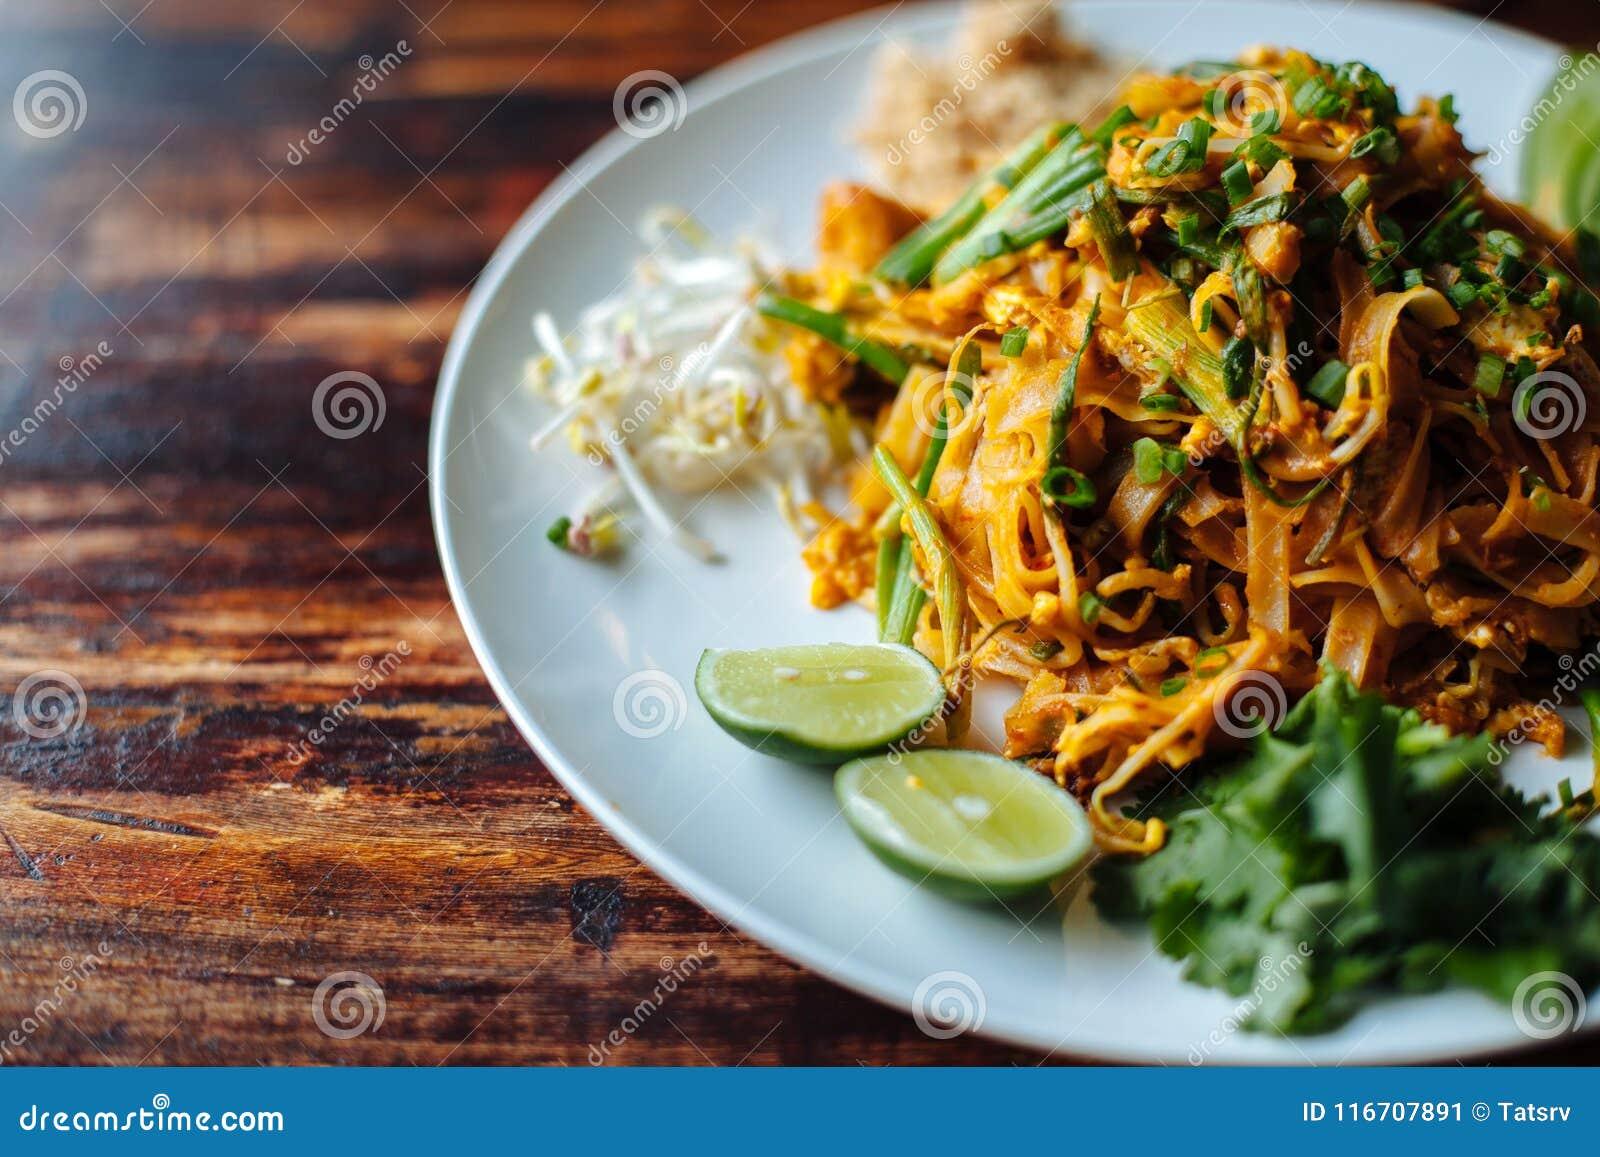 Закройте вверх по лапше Padthai с тофу дыма и смешанным овощем - семенозачатками пшеницы, известкой, огурцом, петрушкой Здоровый